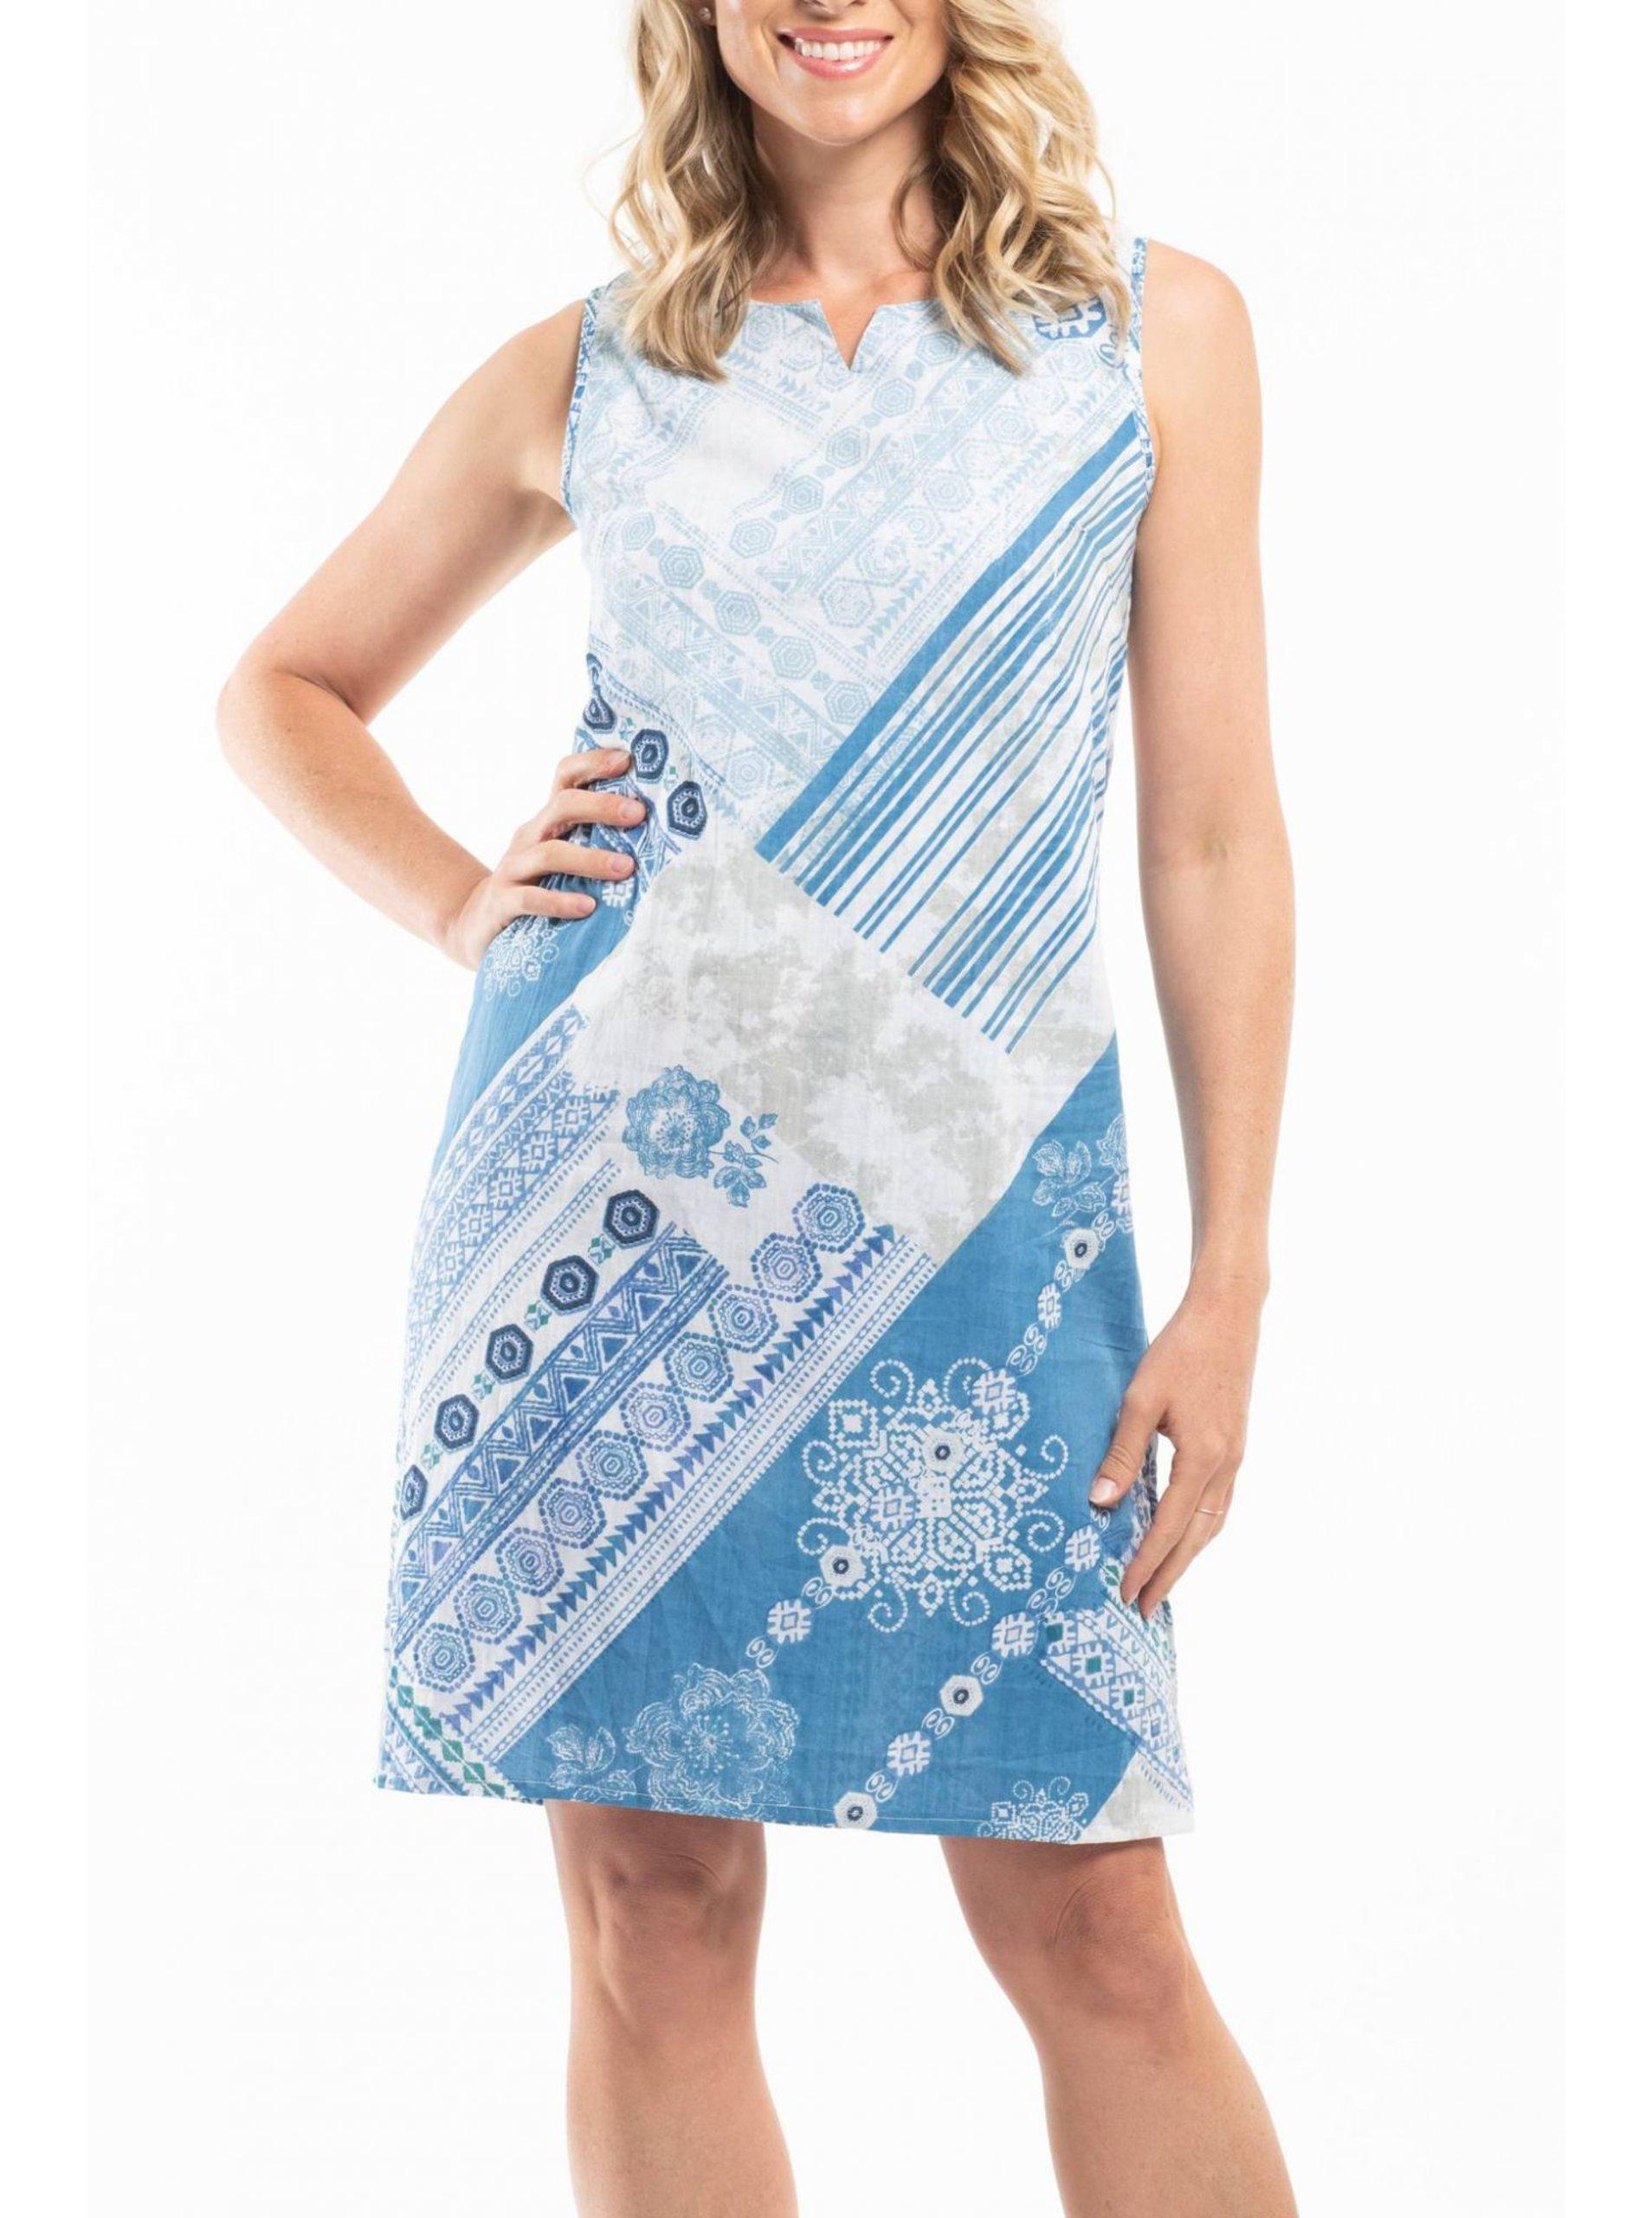 E-shop Orientique modro-bílé oboustranné šaty Corfu